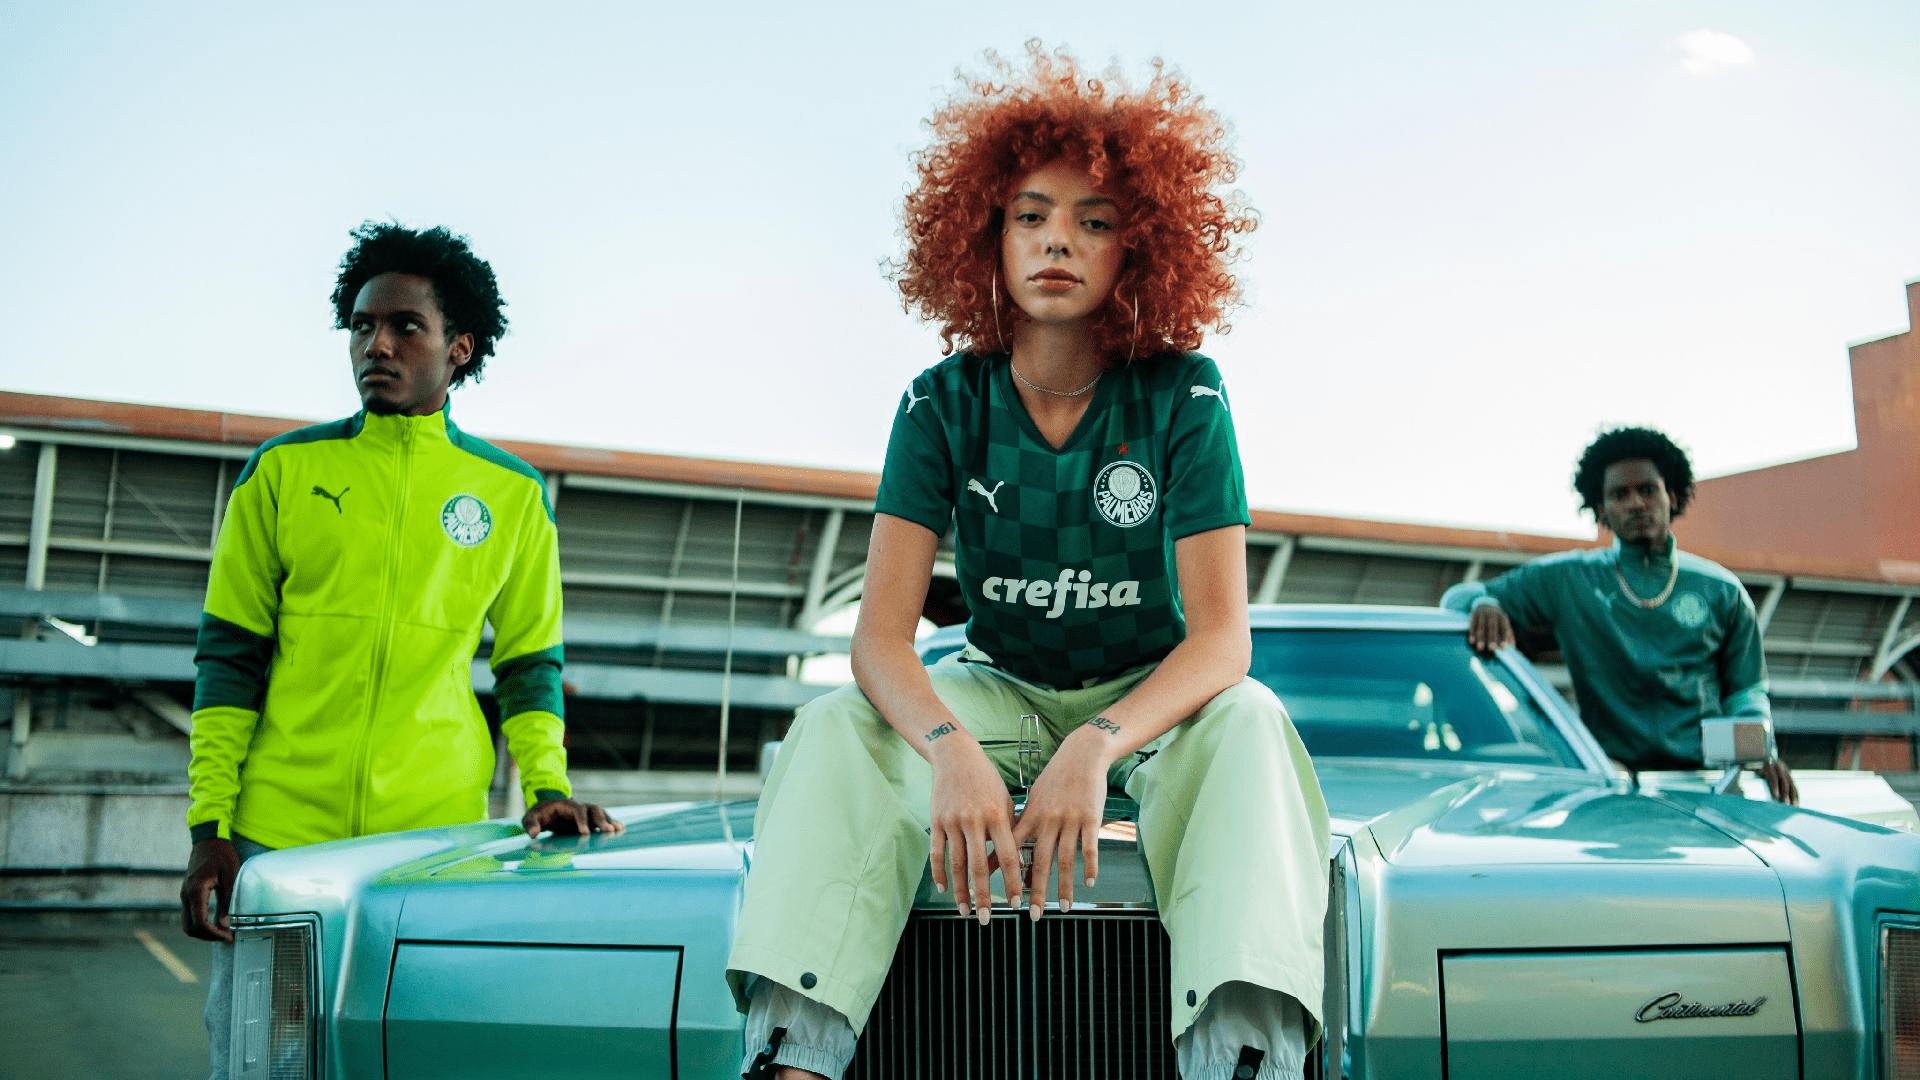 Conheça os modelos de camisa do Palmeiras para comprar em 2021! (Imagem: Divulgação/Puma)